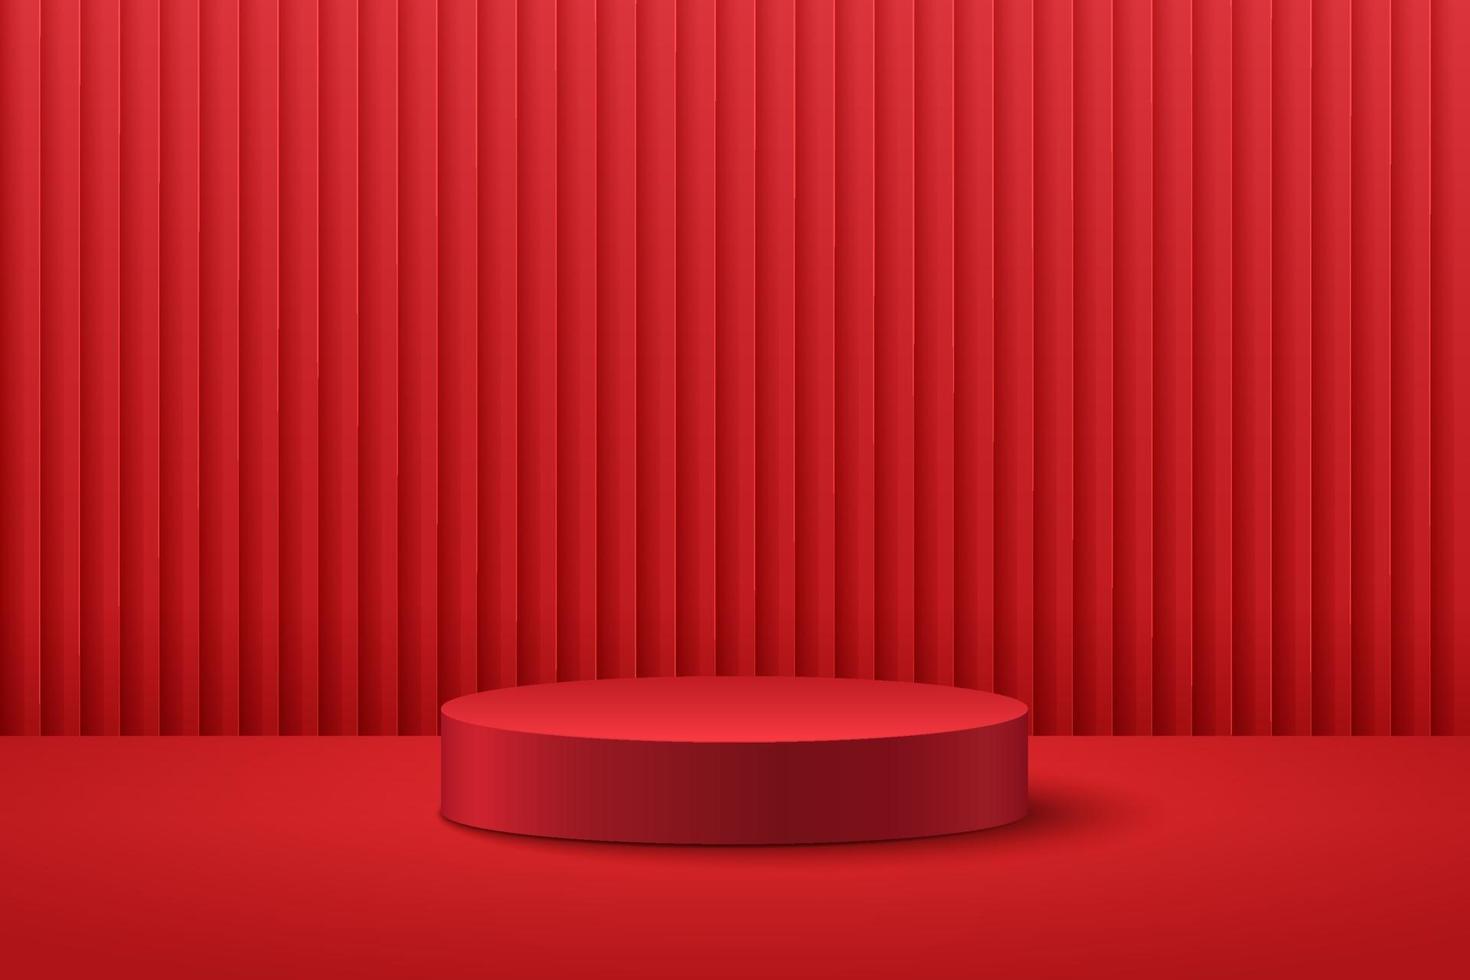 affichage rond abstrait pour produit sur site Web dans un design moderne. rendu de fond avec podium et scène de mur de texture de rideau rouge minimal, rendu 3D forme géométrique couleur rouge foncé. concept oriental. vecteur